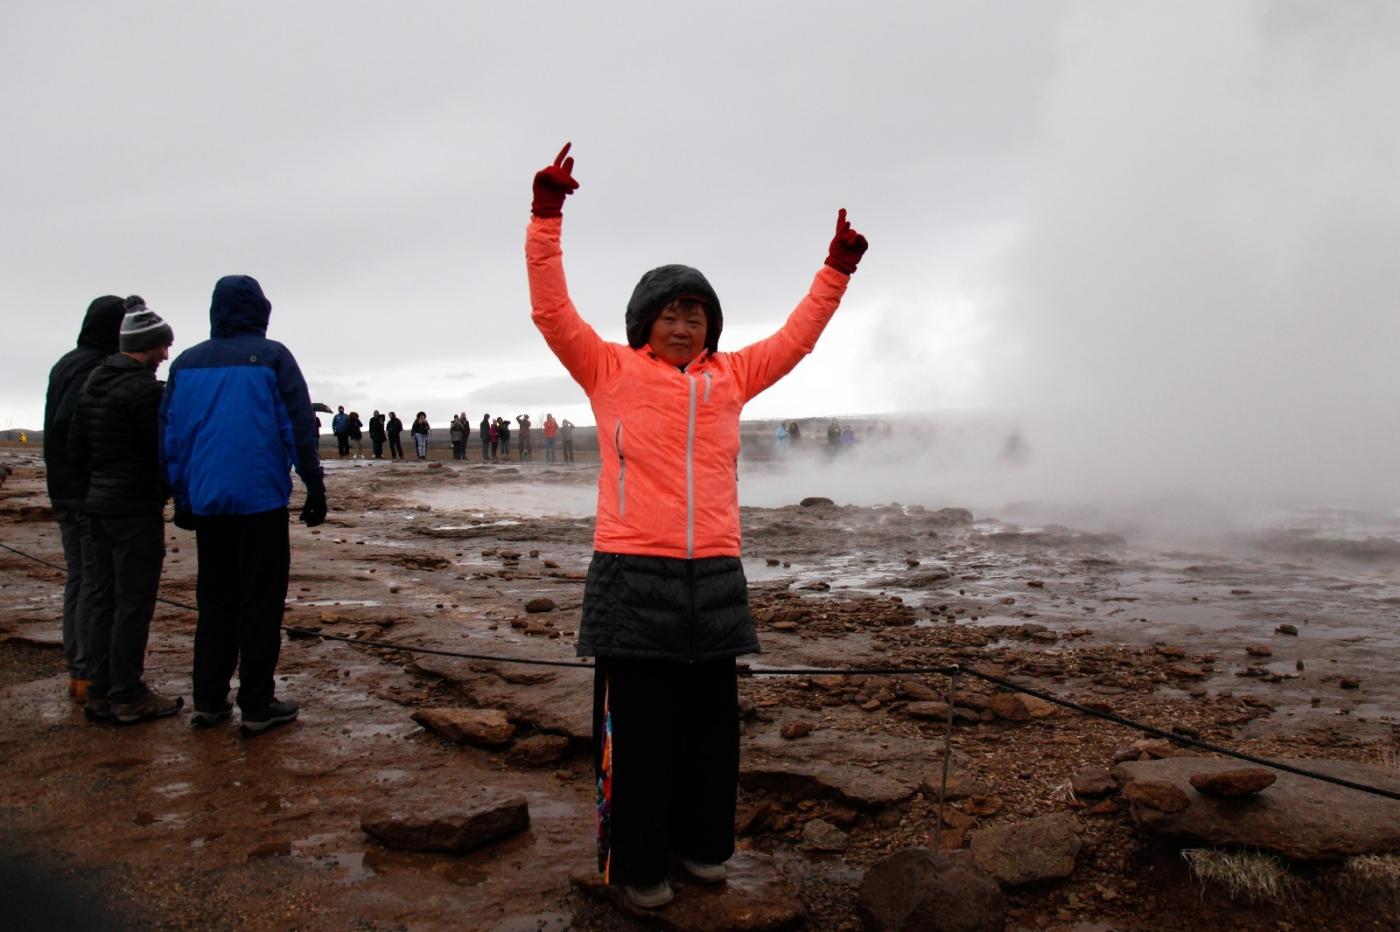 冰岛热带温泉美景,游客流连忘返_图1-8